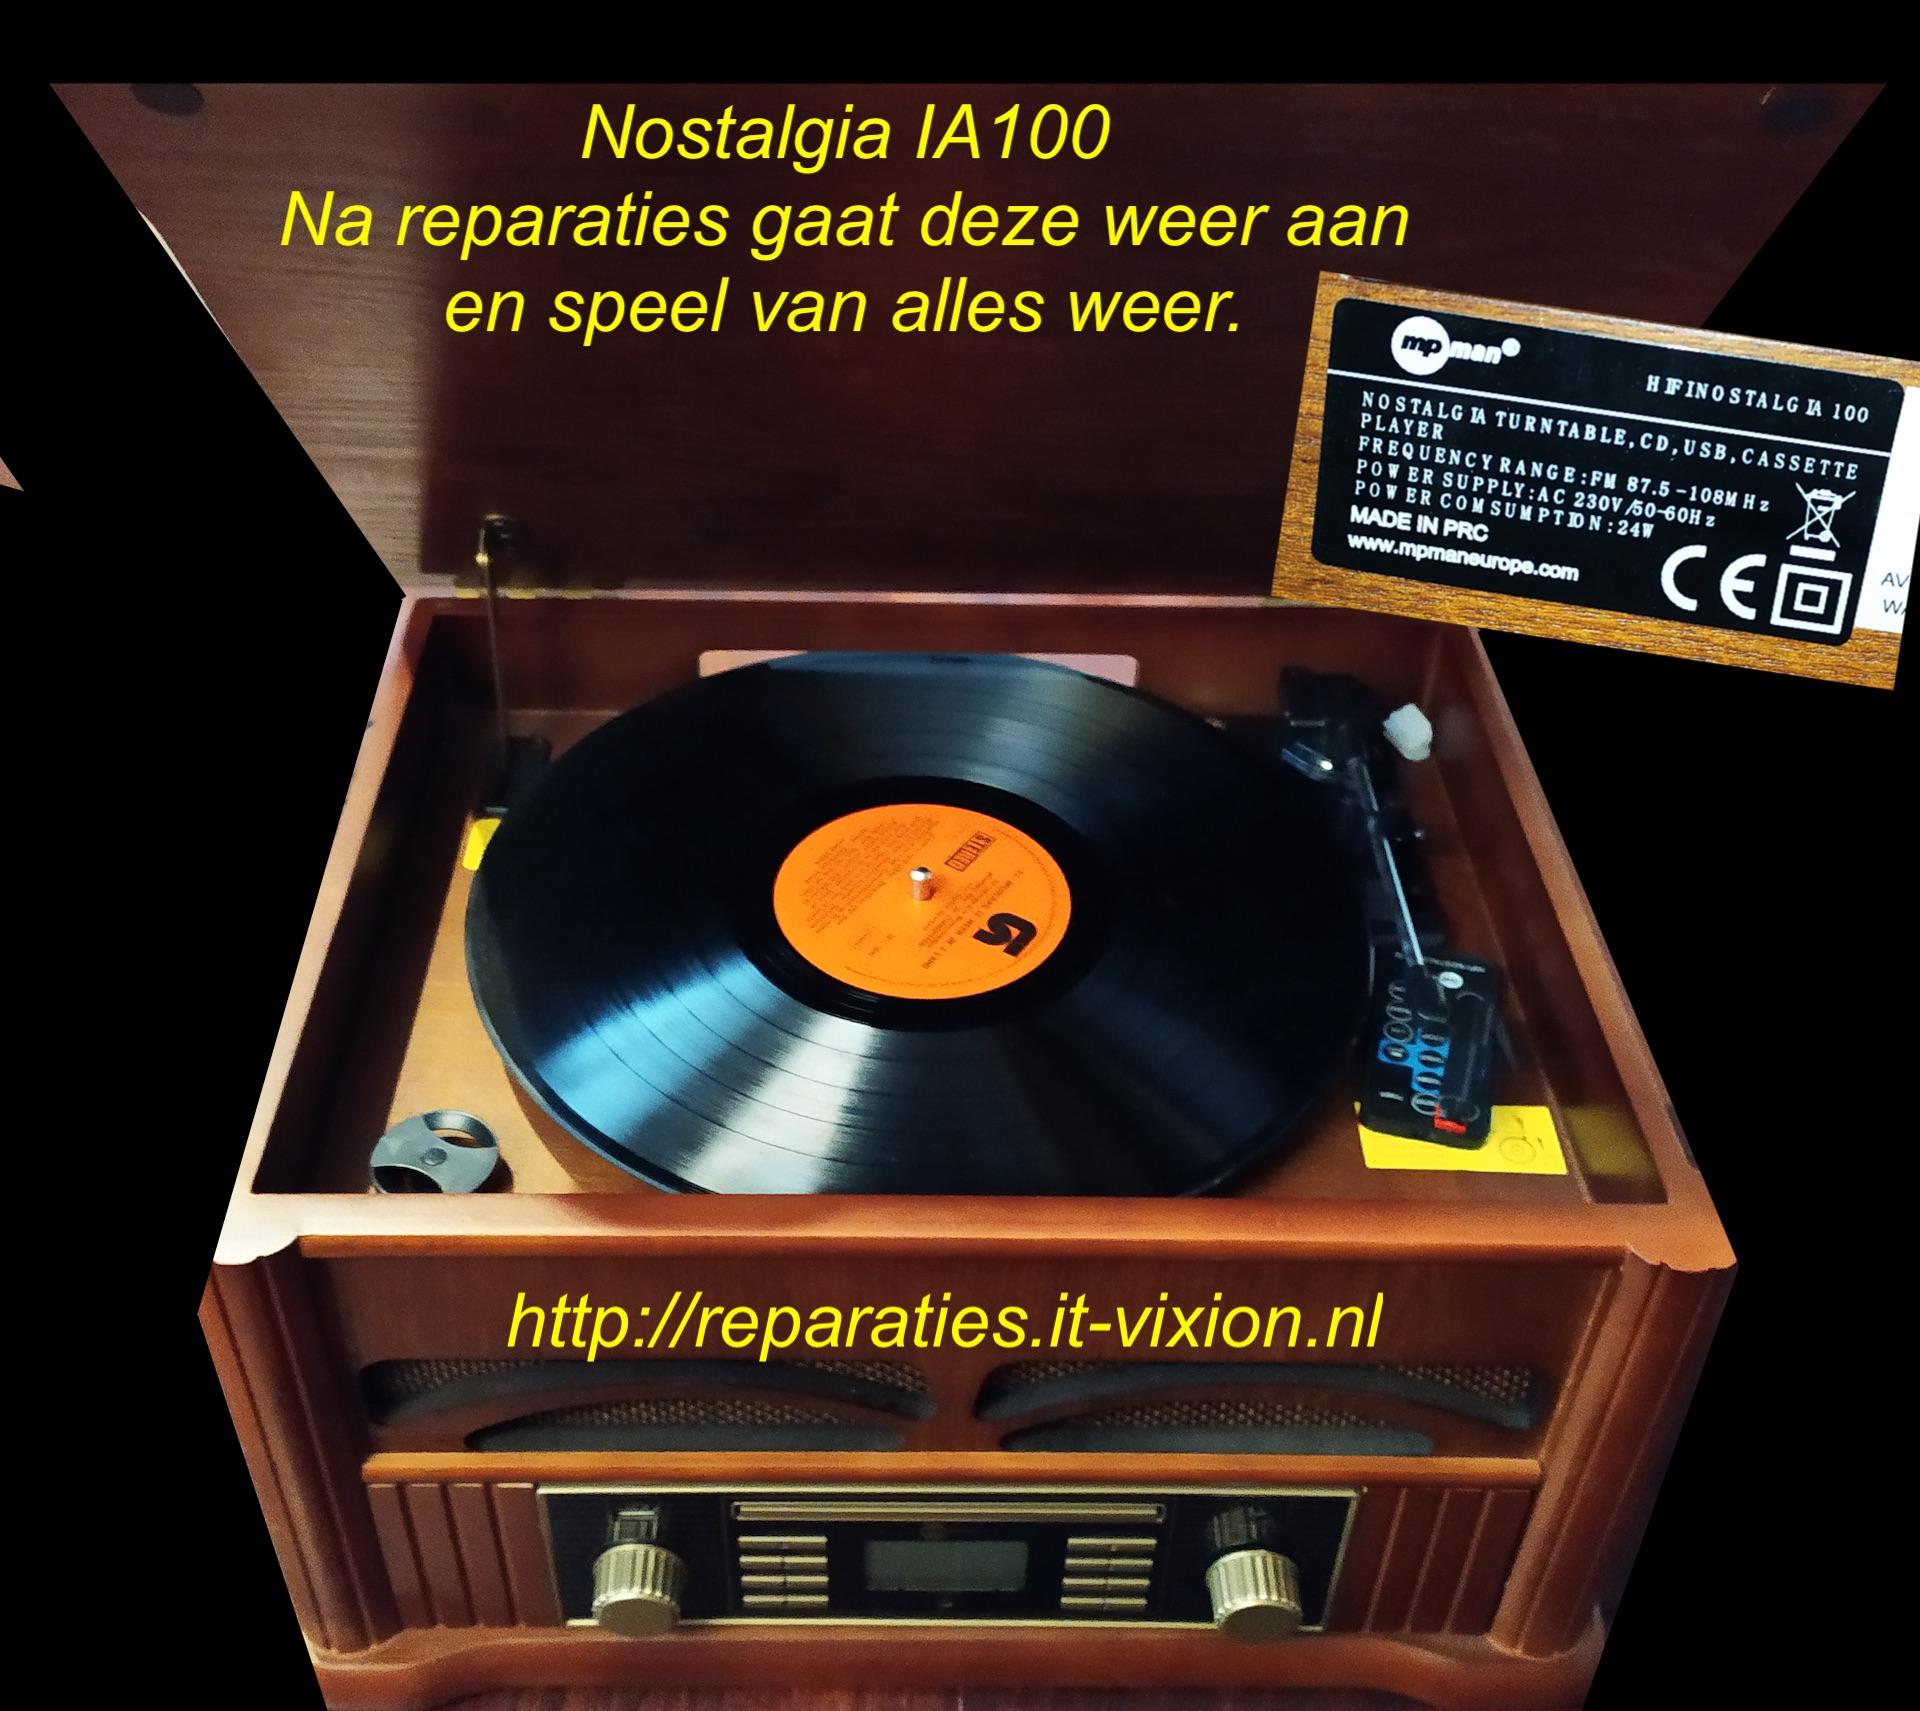 Nostalgia IA100